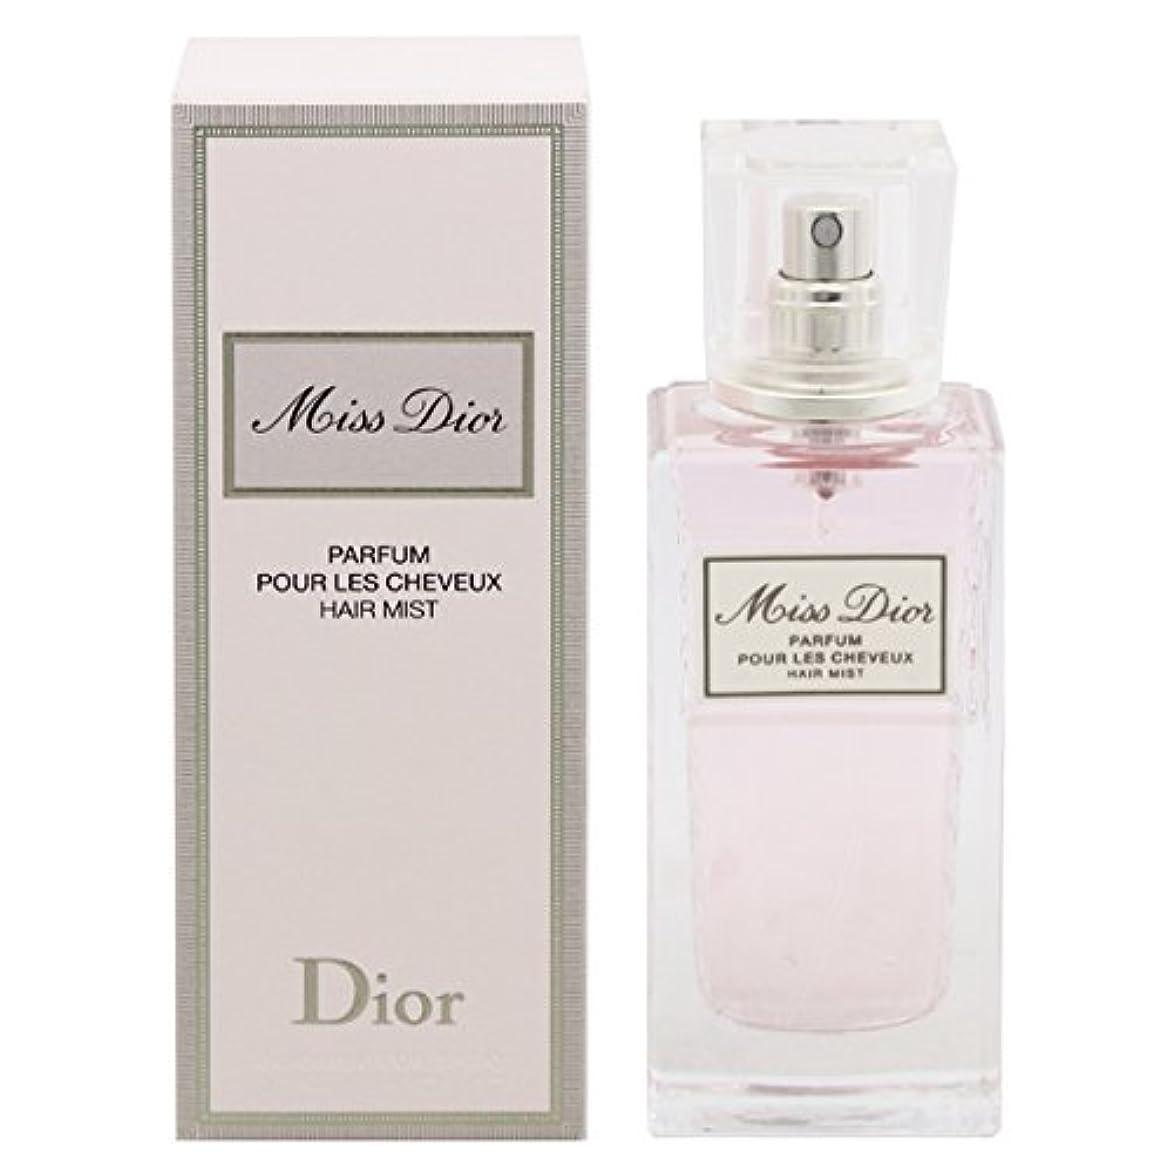 クリスチャン ディオール(Christian Dior) ミス ディオール ヘア ミスト 30ml[並行輸入品]